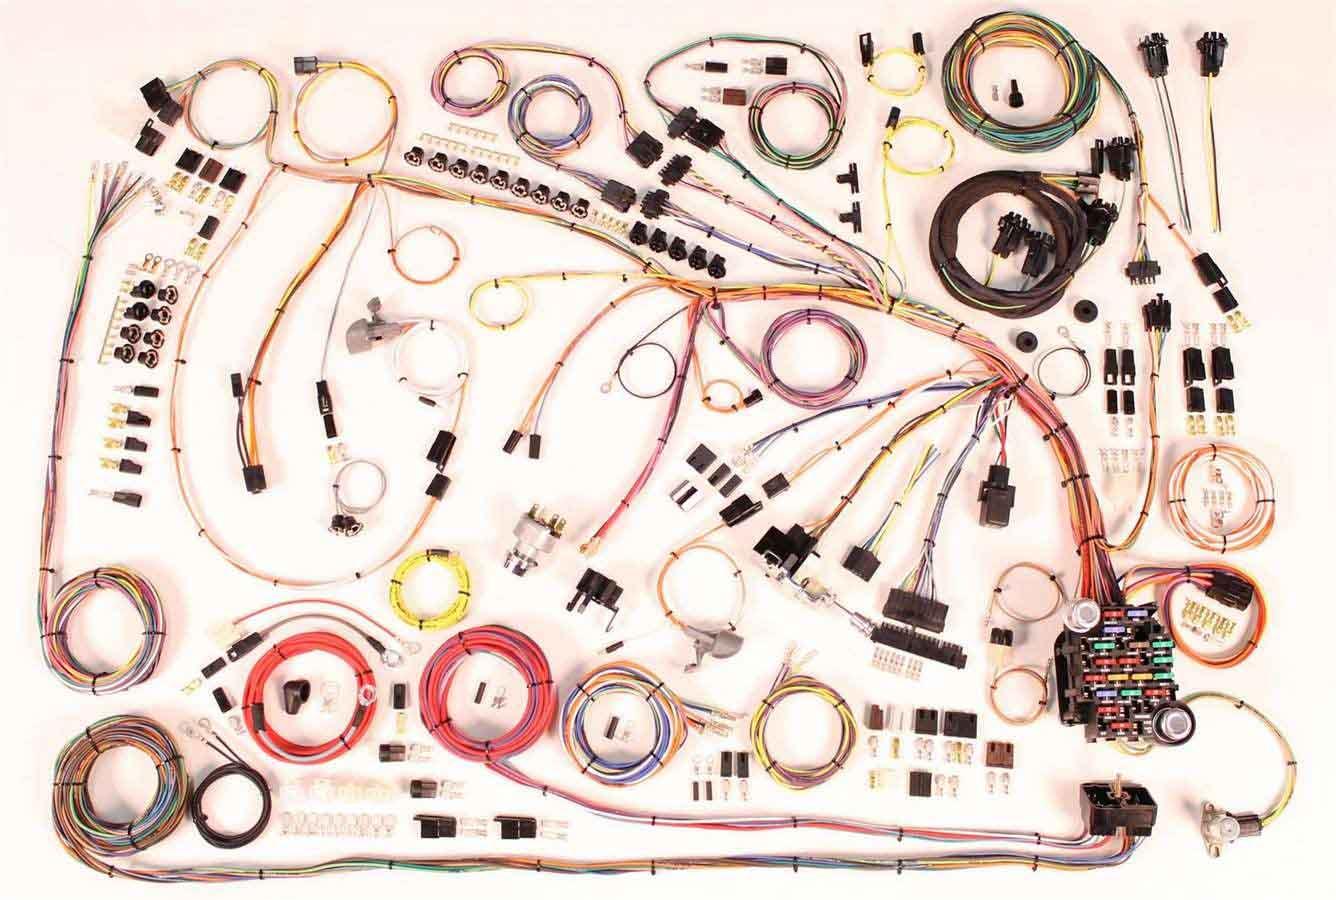 1966 Impala Wire Harness Kit Schematics Wiring Diagrams Grand Prix Diagram Free Download Auto Rh Grandprixauto Com Vehicle Complete Kits 66 Chevelle